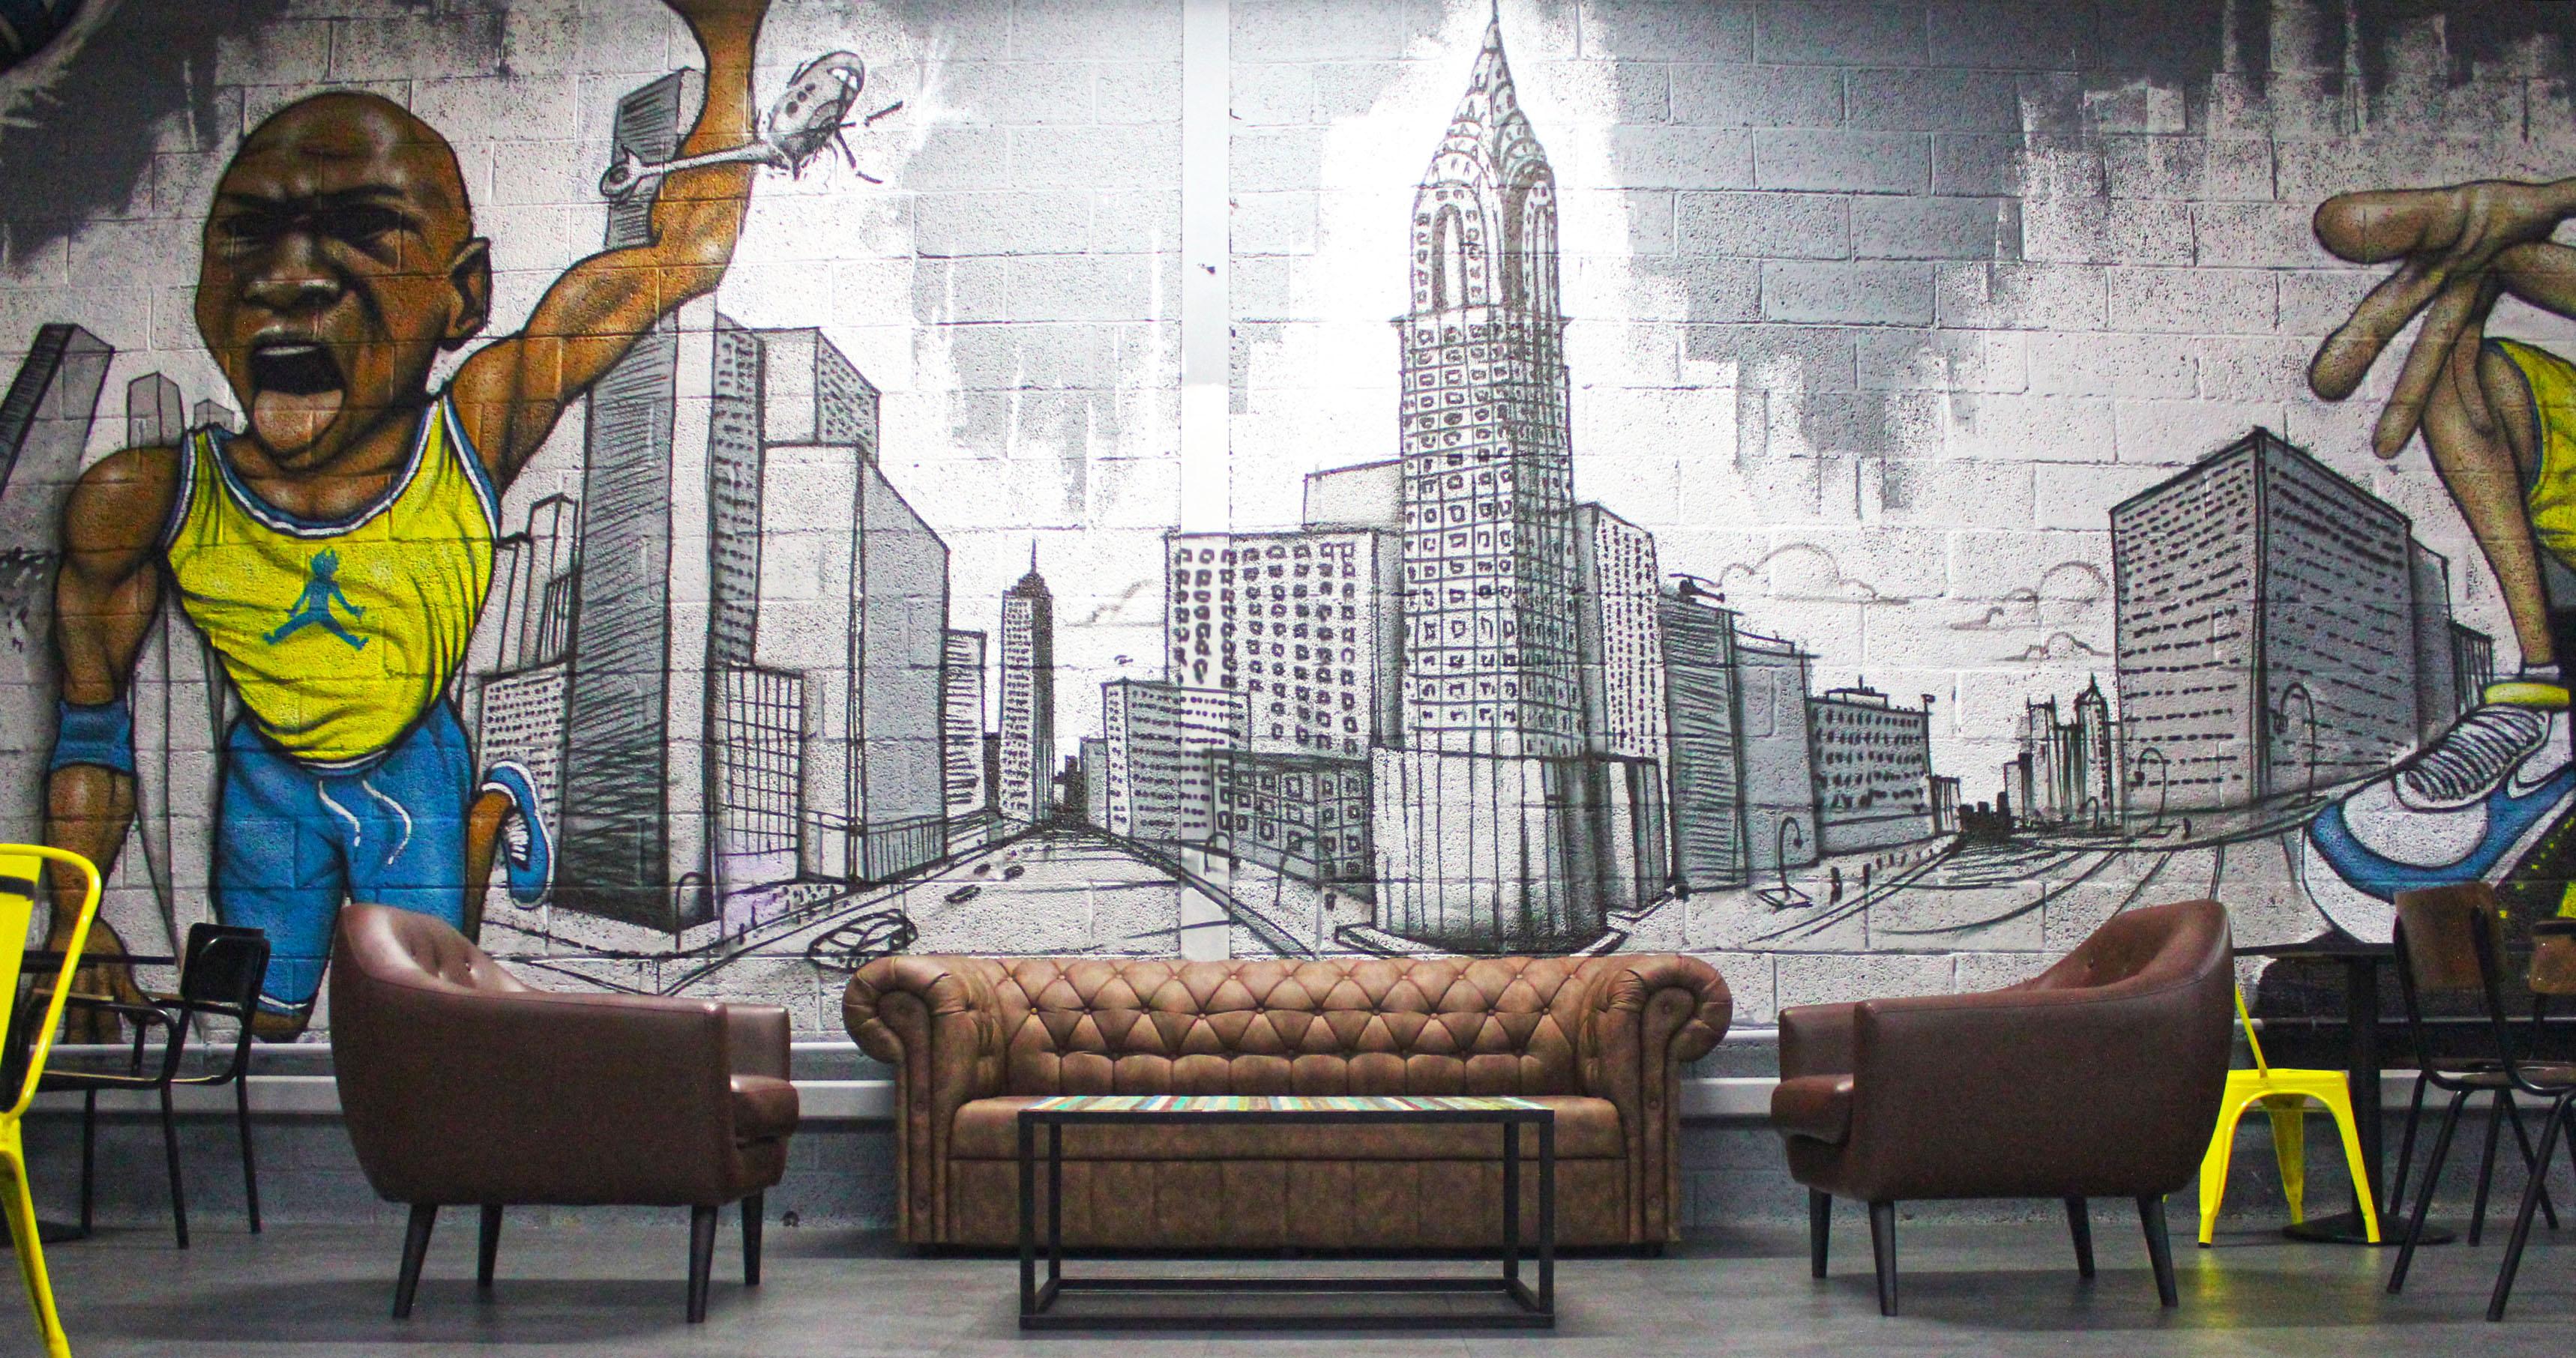 Décoration graffiti street art entreprise enseigne professionnel locaux bureaux